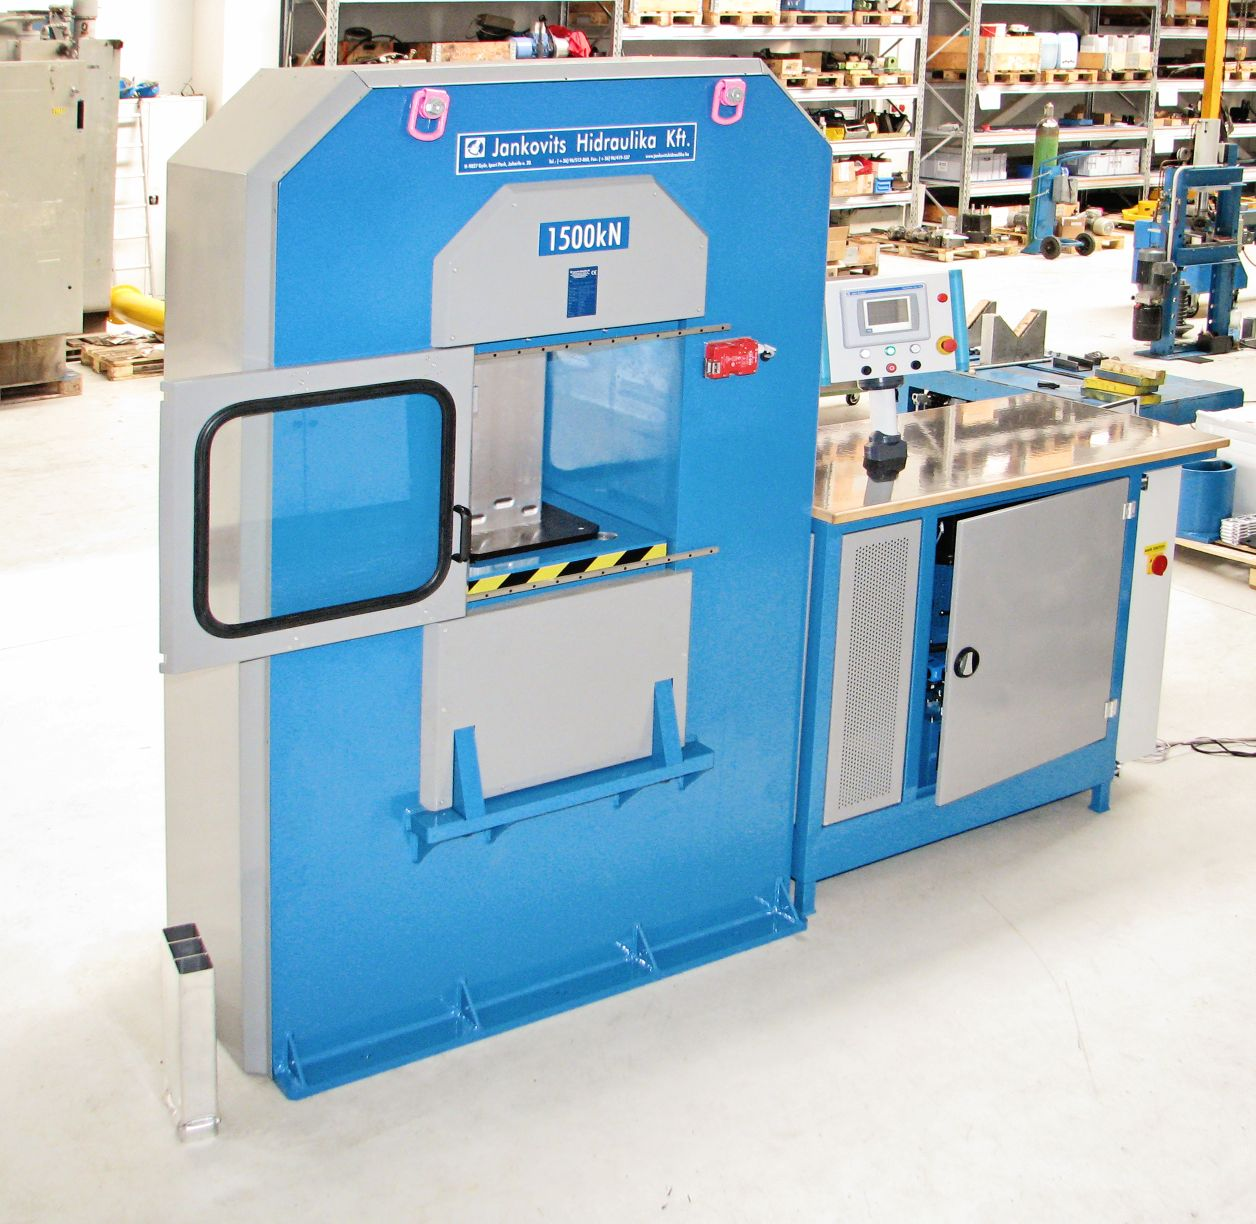 1500 kN anyagvizsgáló tesztberendezés